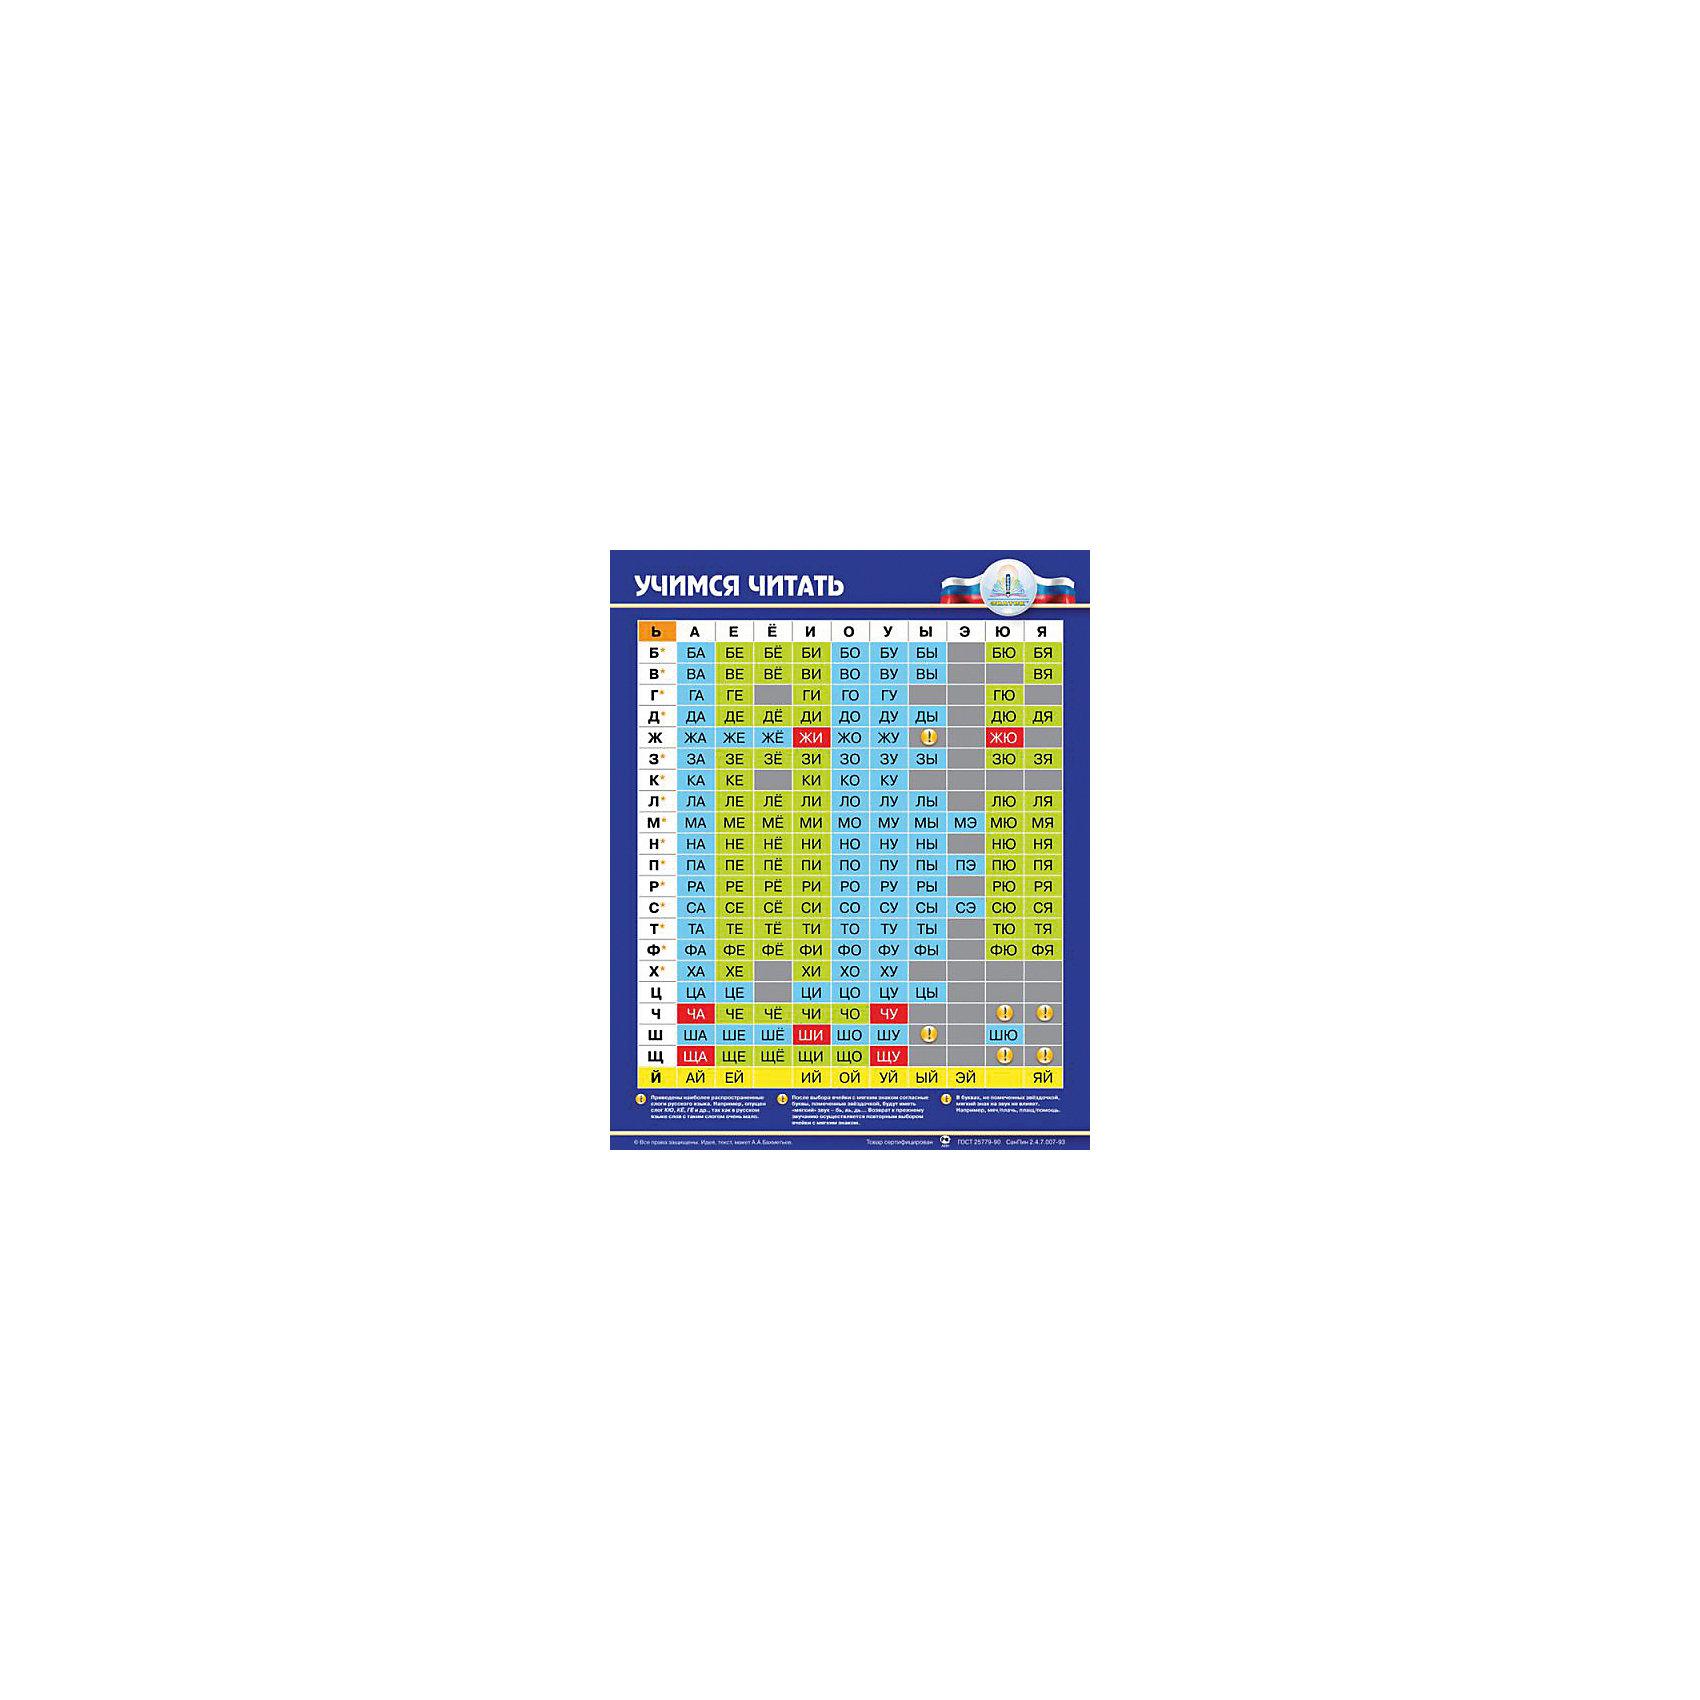 Электронный звуковой плакат Учимся читатьОбучающие плакаты и планшеты<br>Электронный звуковой плакат Учимся читать, Знаток<br><br>Характеристики:<br><br>• поможет ребенку научиться читать и составлять слова<br>• расскажет правила русского языка<br>• сенсорные кнопки<br>• регулируемая громкость<br>• размер плаката: 49х75 см<br>• размер упаковки: 50х45х2,8 см<br>• вес: 480 грамм<br>• батарейки: ААА - 3 шт.(входят в комплект)<br><br>Со звуковым плакатом Знаток ребенок с радостью научится читать. Гласные и согласные звуки разделены. Плакат воспроизводит именно звуки, а не буквы, что особенно важно при обучении чтению. Есть несколько кнопок для воспроизведения различных слогов. Малыш сможет составить слова из слогов. Кнопка ! познакомит ребенка с правилами русского языка, которые обязательно пригодятся ему в школе. Плакат имеет сенсорные кнопки, регулируемую громкость и влагозащитную поверхность. С этим плакатом ребенок с радостью откроет для себя увлекательный мир чтения!<br><br>Электронный звуковой плакат Учимся читать, Знаток вы можете купить в нашем интернет-магазине.<br><br>Ширина мм: 230<br>Глубина мм: 40<br>Высота мм: 485<br>Вес г: 500<br>Возраст от месяцев: 36<br>Возраст до месяцев: 84<br>Пол: Унисекс<br>Возраст: Детский<br>SKU: 2403203